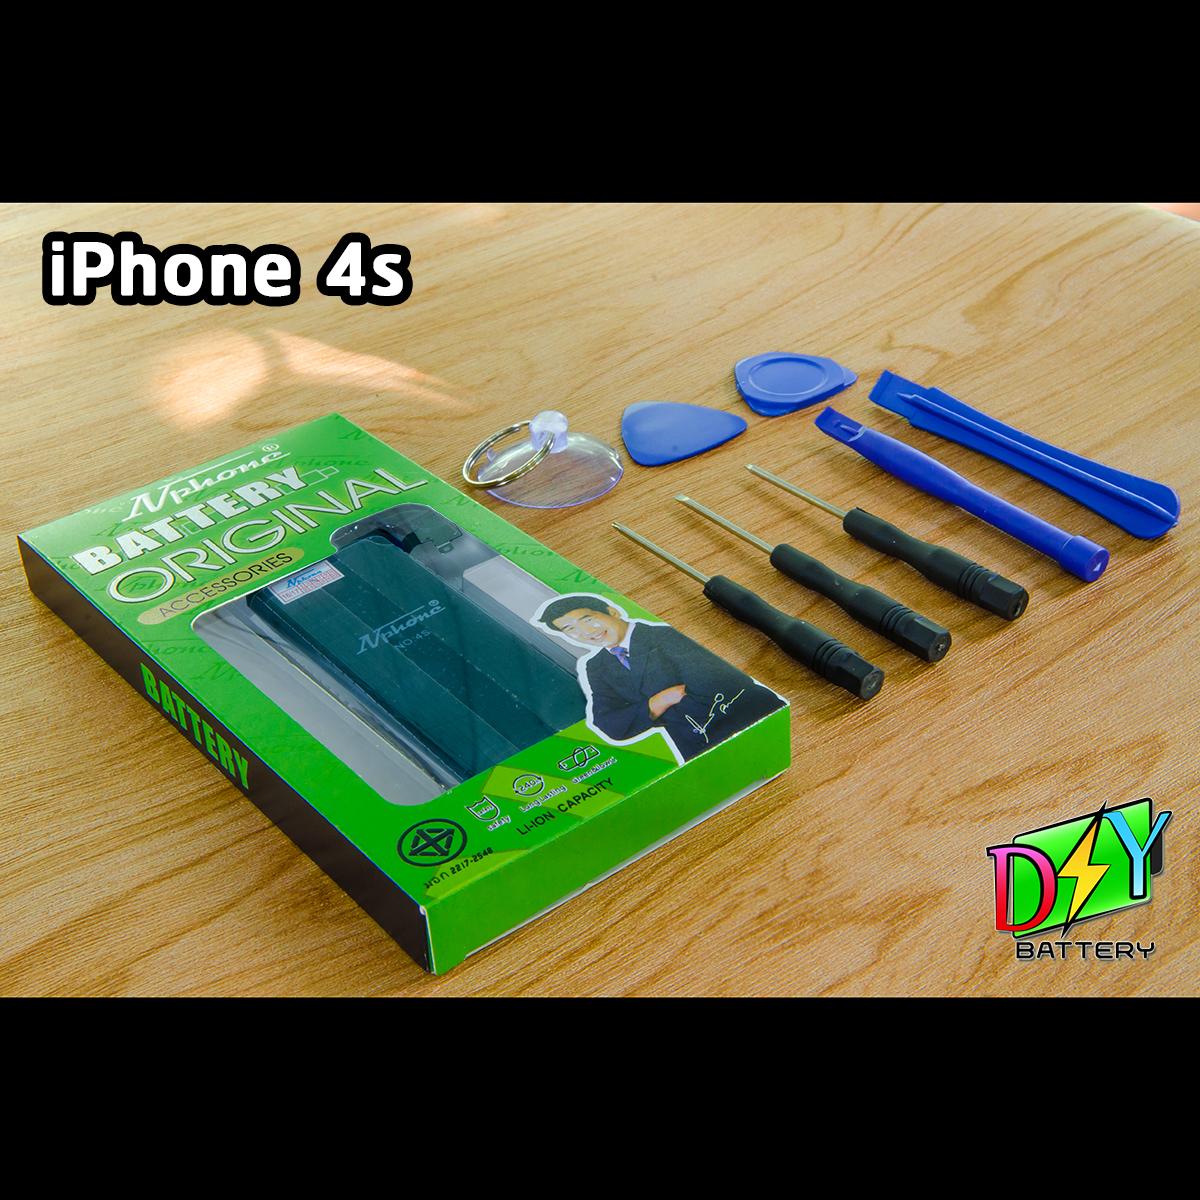 แบตเตอรี่ iPhone 4s (ยี่ห้อ Nphone) พร้อมชุดอุปกรณ์เปลี่ยน